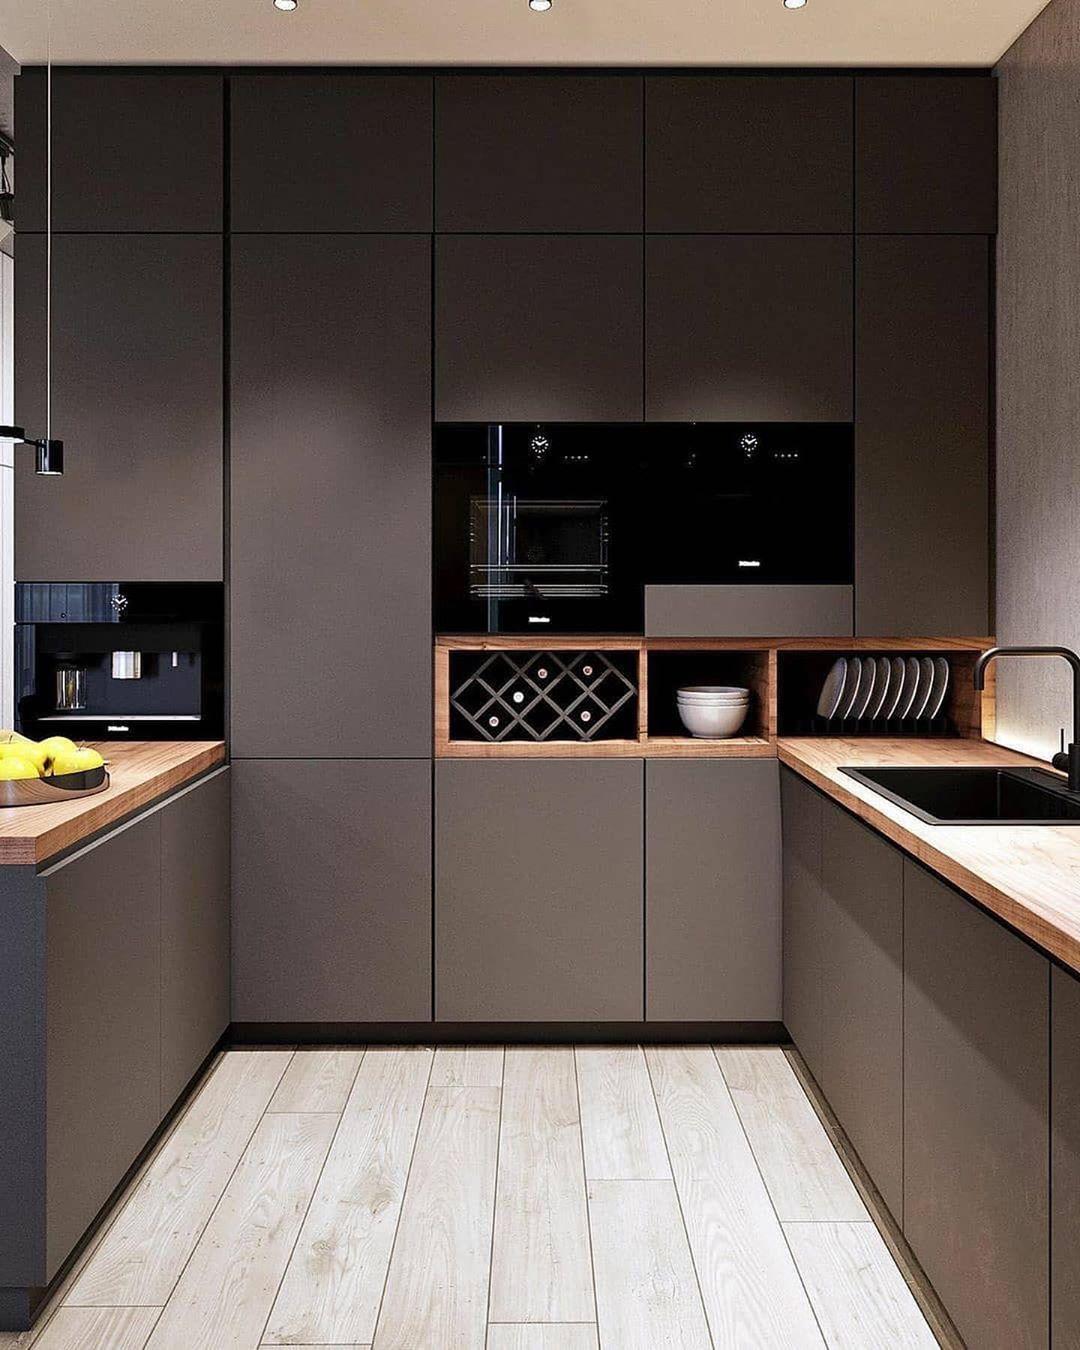 Kto By Sie Dobrze Czul W Takiej Ciemnej Kuchni Kitchen Design Modern Kitchen Design Modern Kitchen